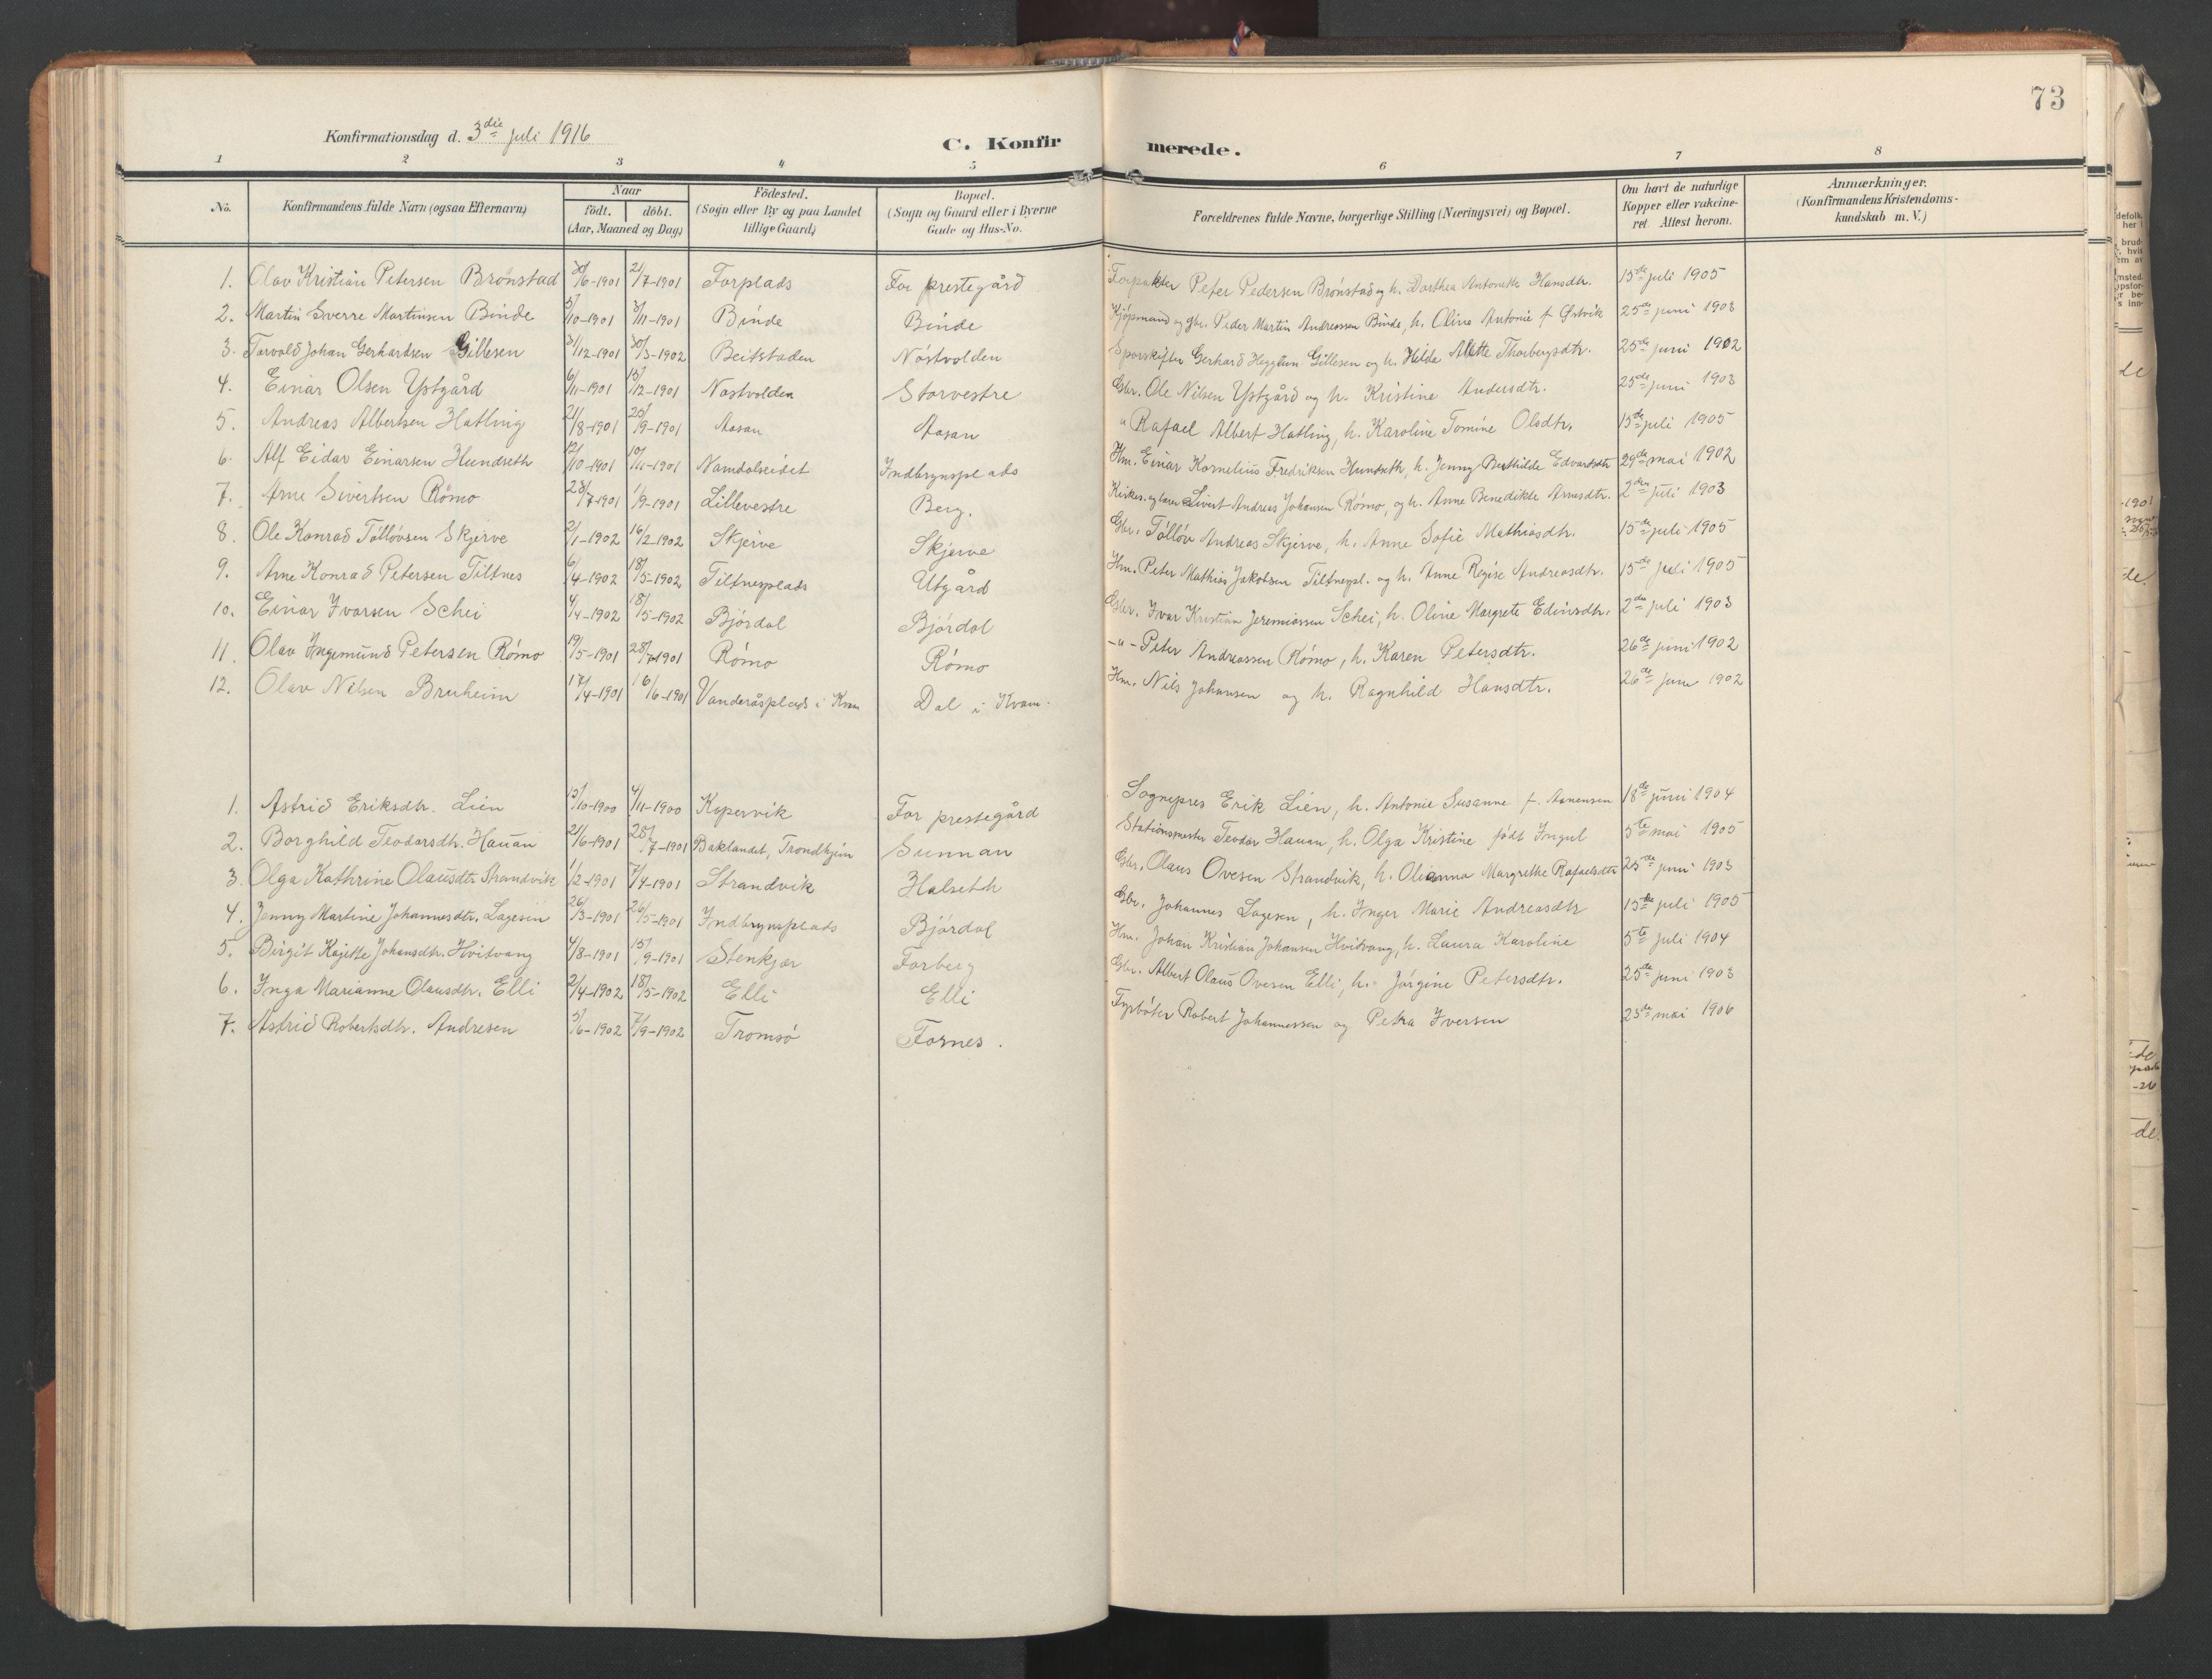 SAT, Ministerialprotokoller, klokkerbøker og fødselsregistre - Nord-Trøndelag, 746/L0455: Klokkerbok nr. 746C01, 1908-1933, s. 73